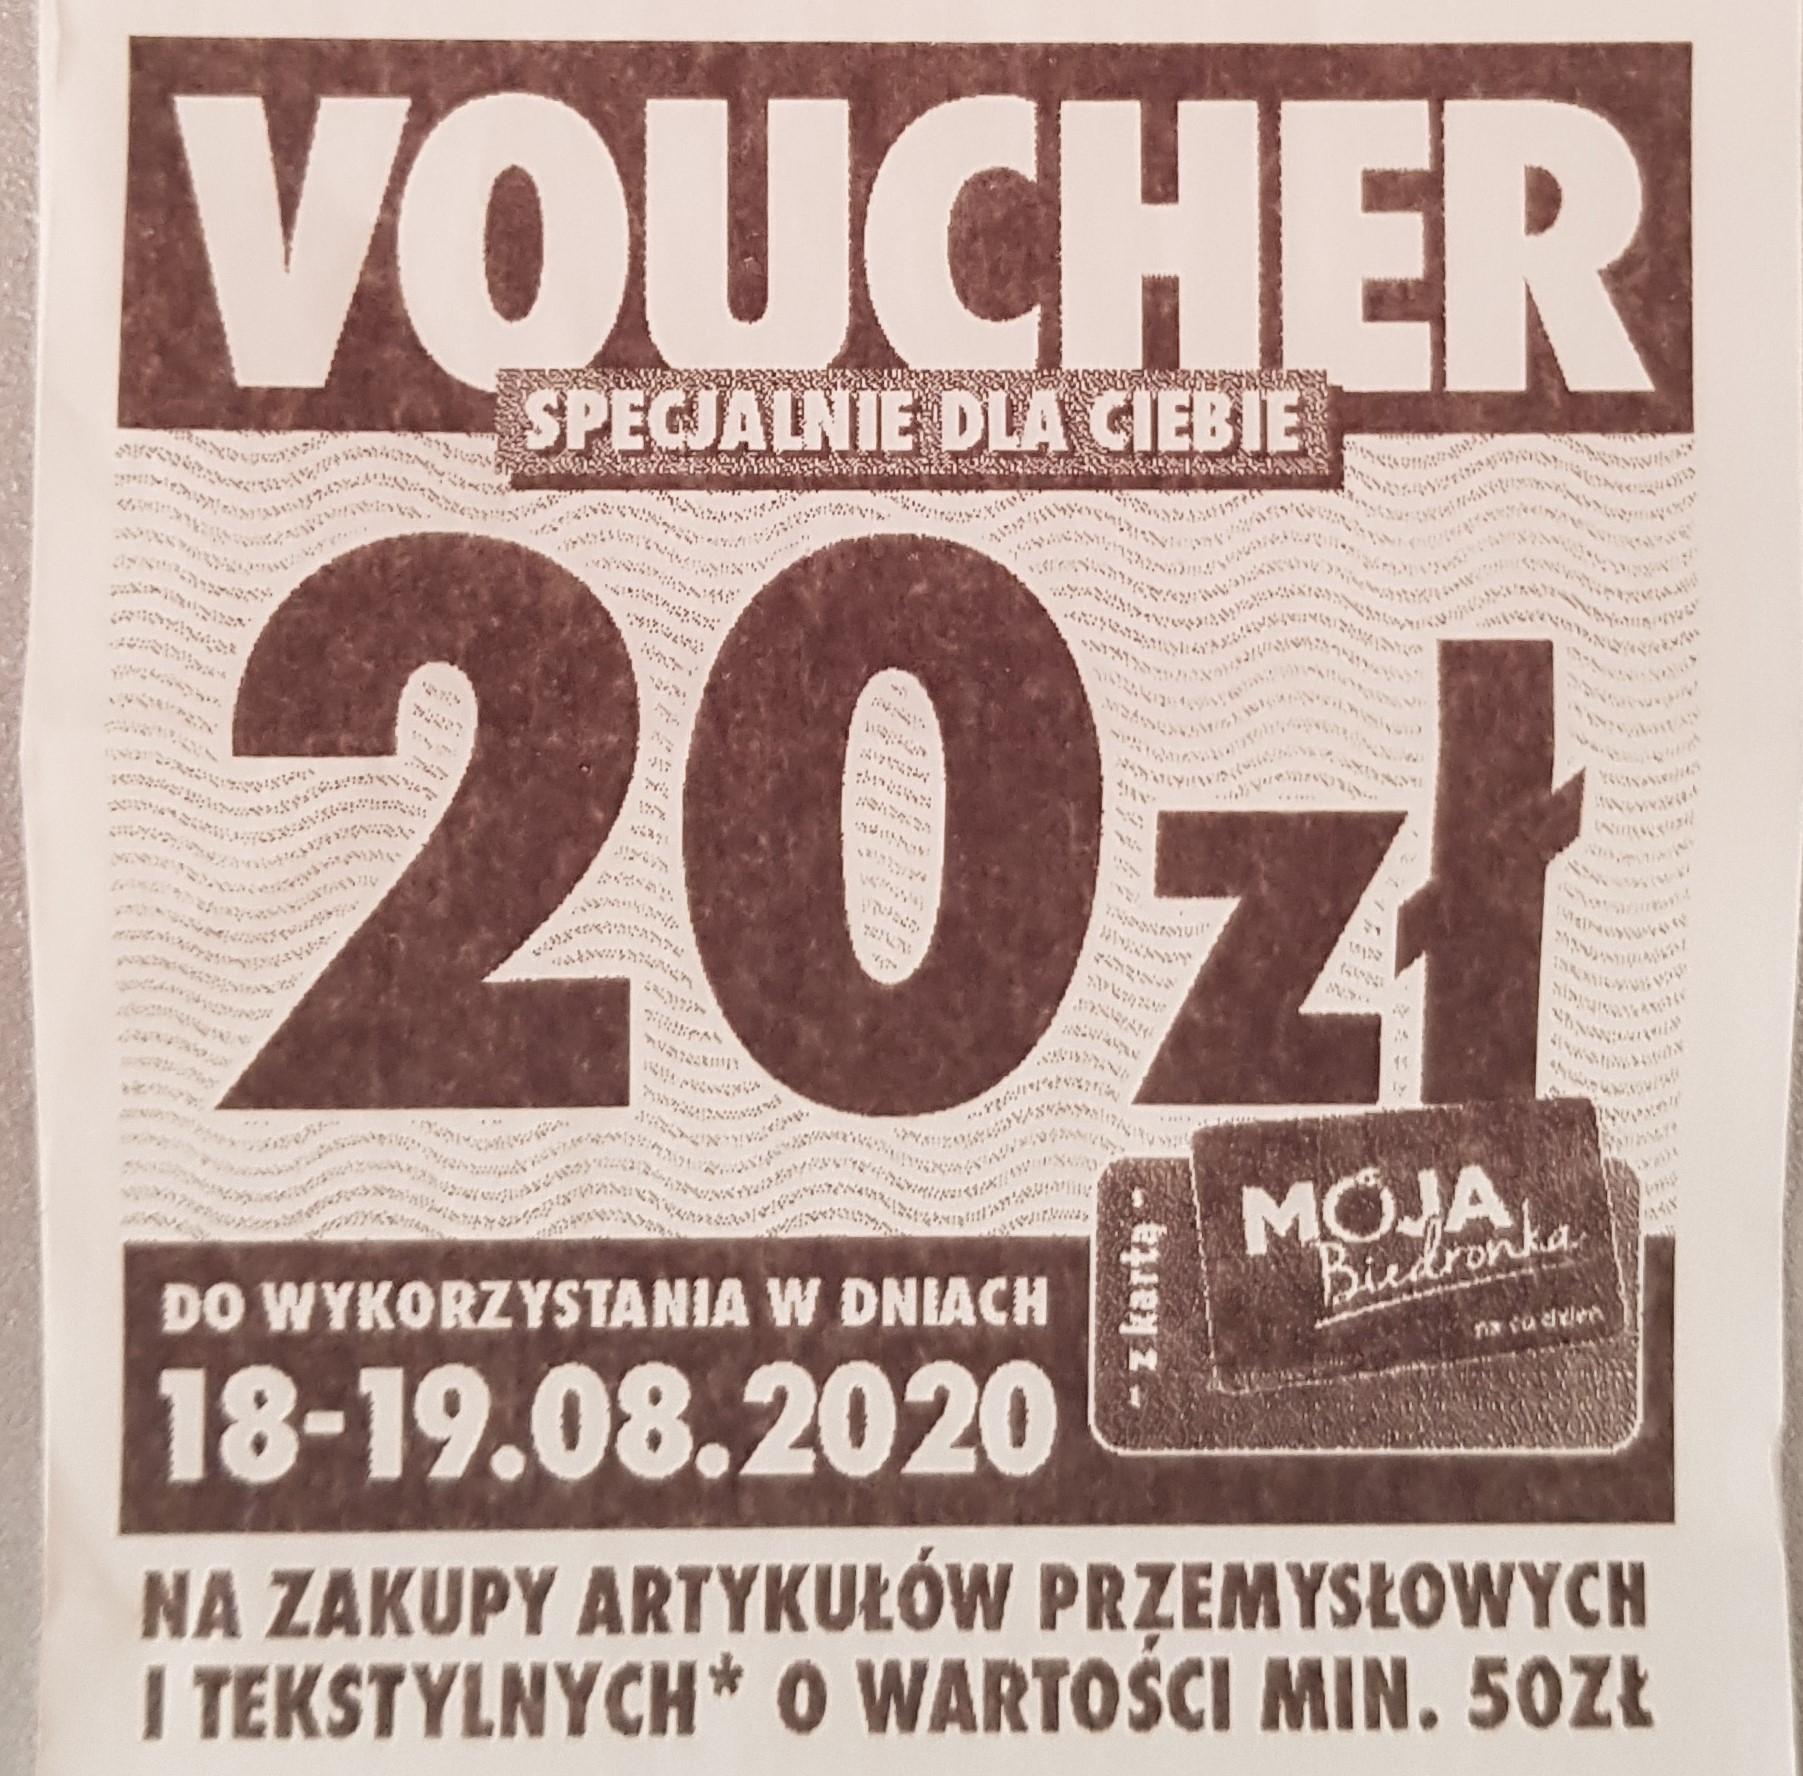 [Biedronka] Voucher o wartości 20 zł na zakup artykułów przemysłowych i tekstylnych. MWZ 50 zł